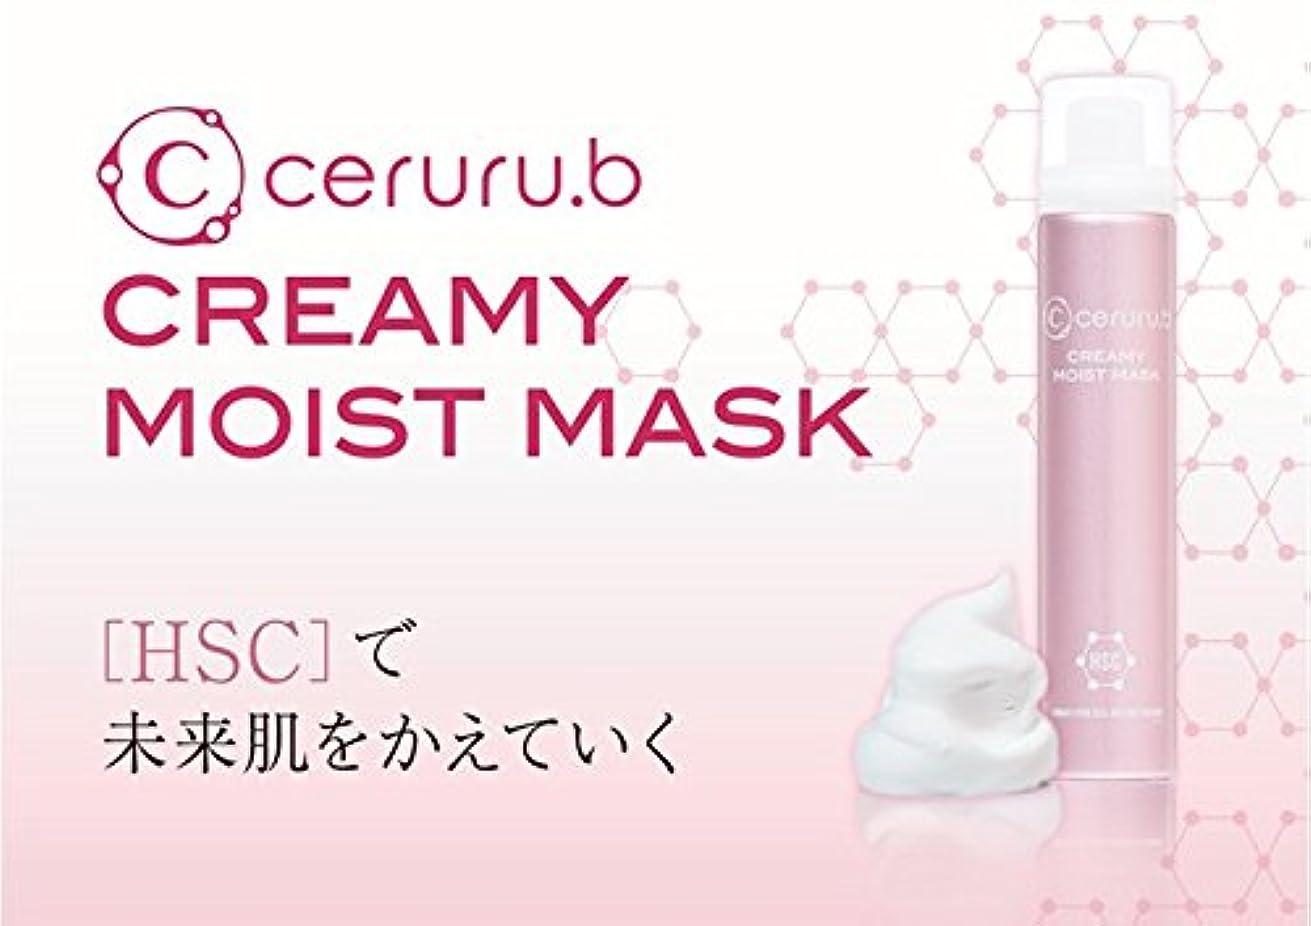 問題地下判読できないceruru.b / セルル クリーミーモイストマスク+試供品PHマッサージクリーム7g